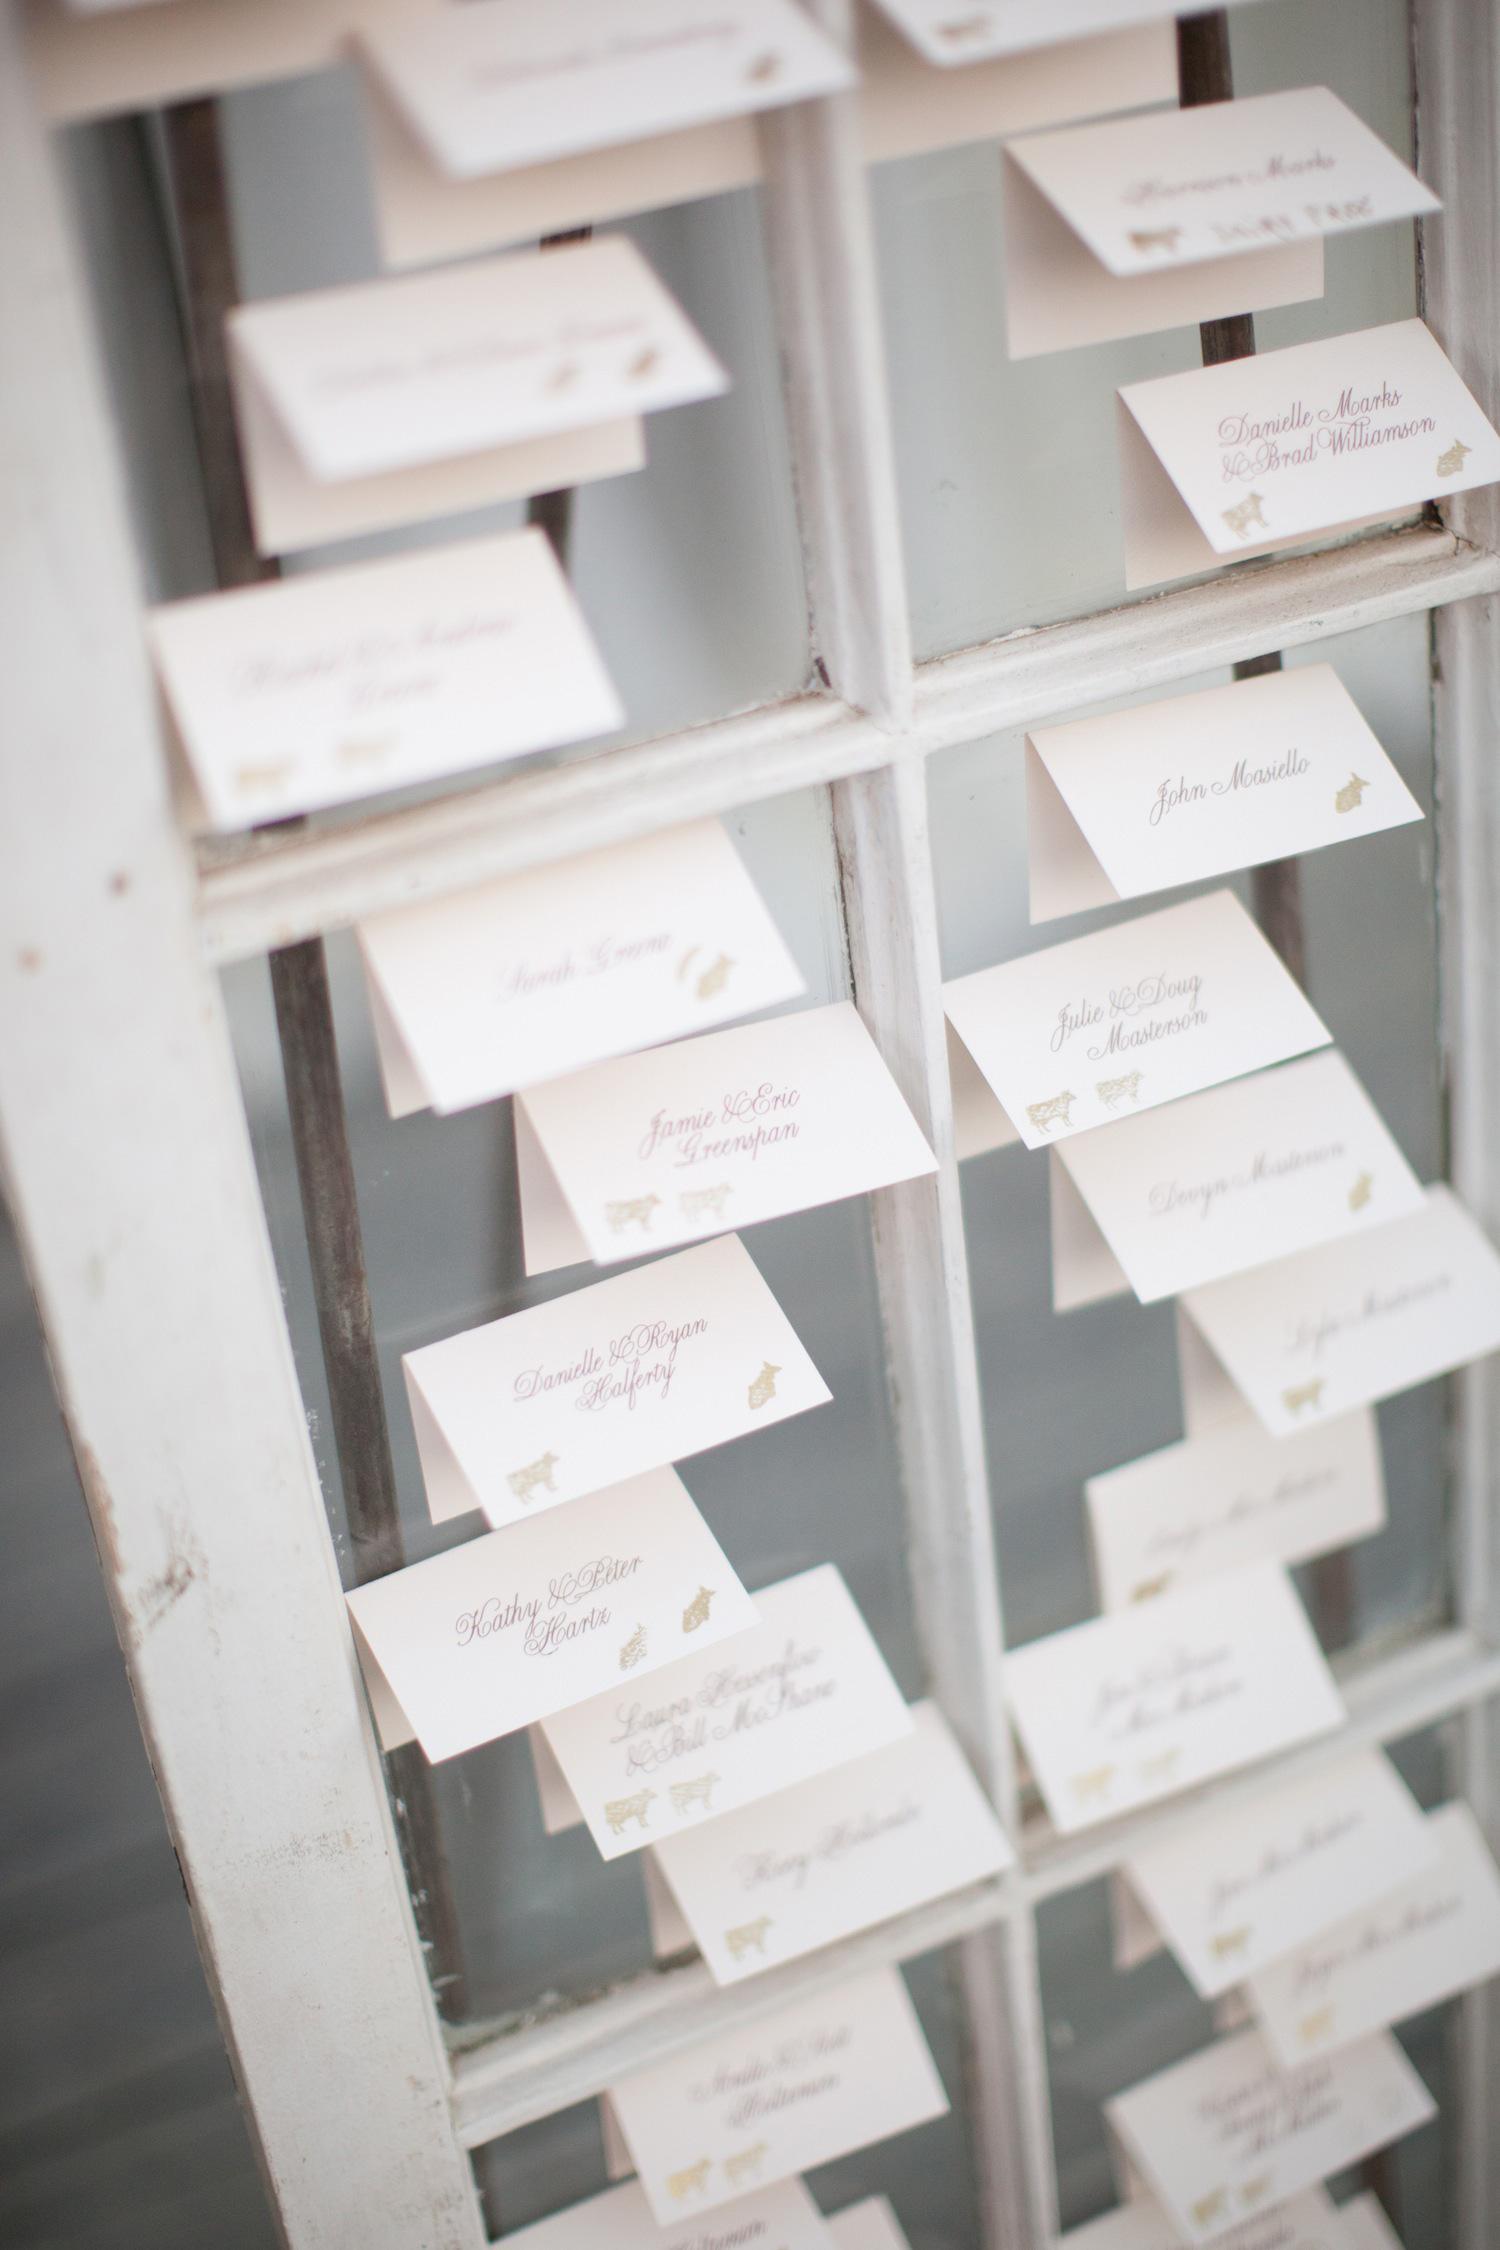 Escort cards taped to antique window or door